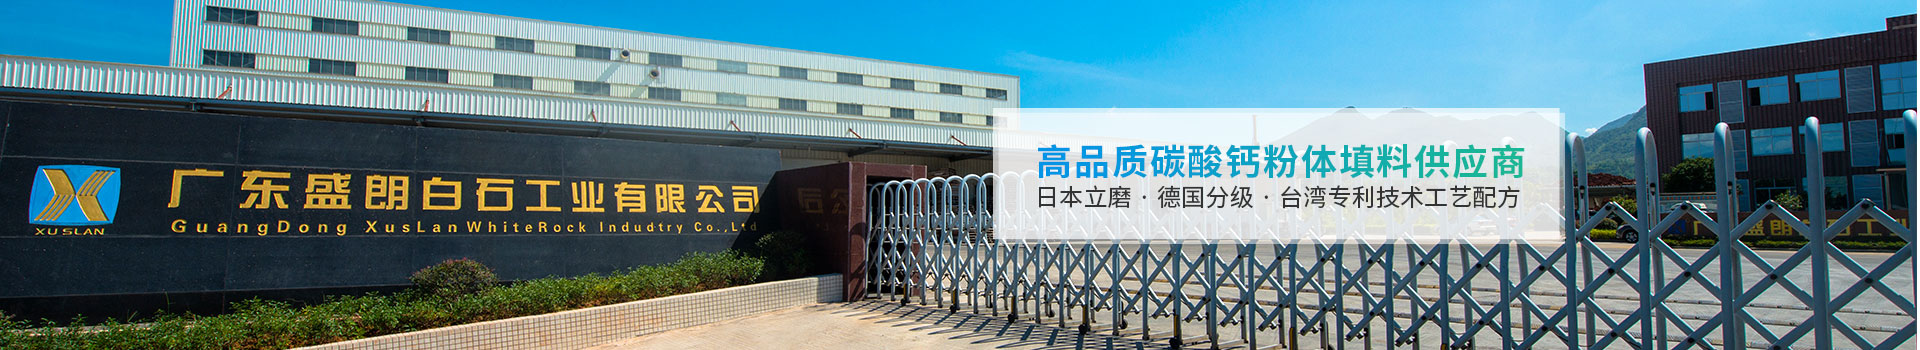 盛朗白石-高品质碳酸钙粉体填料供应商